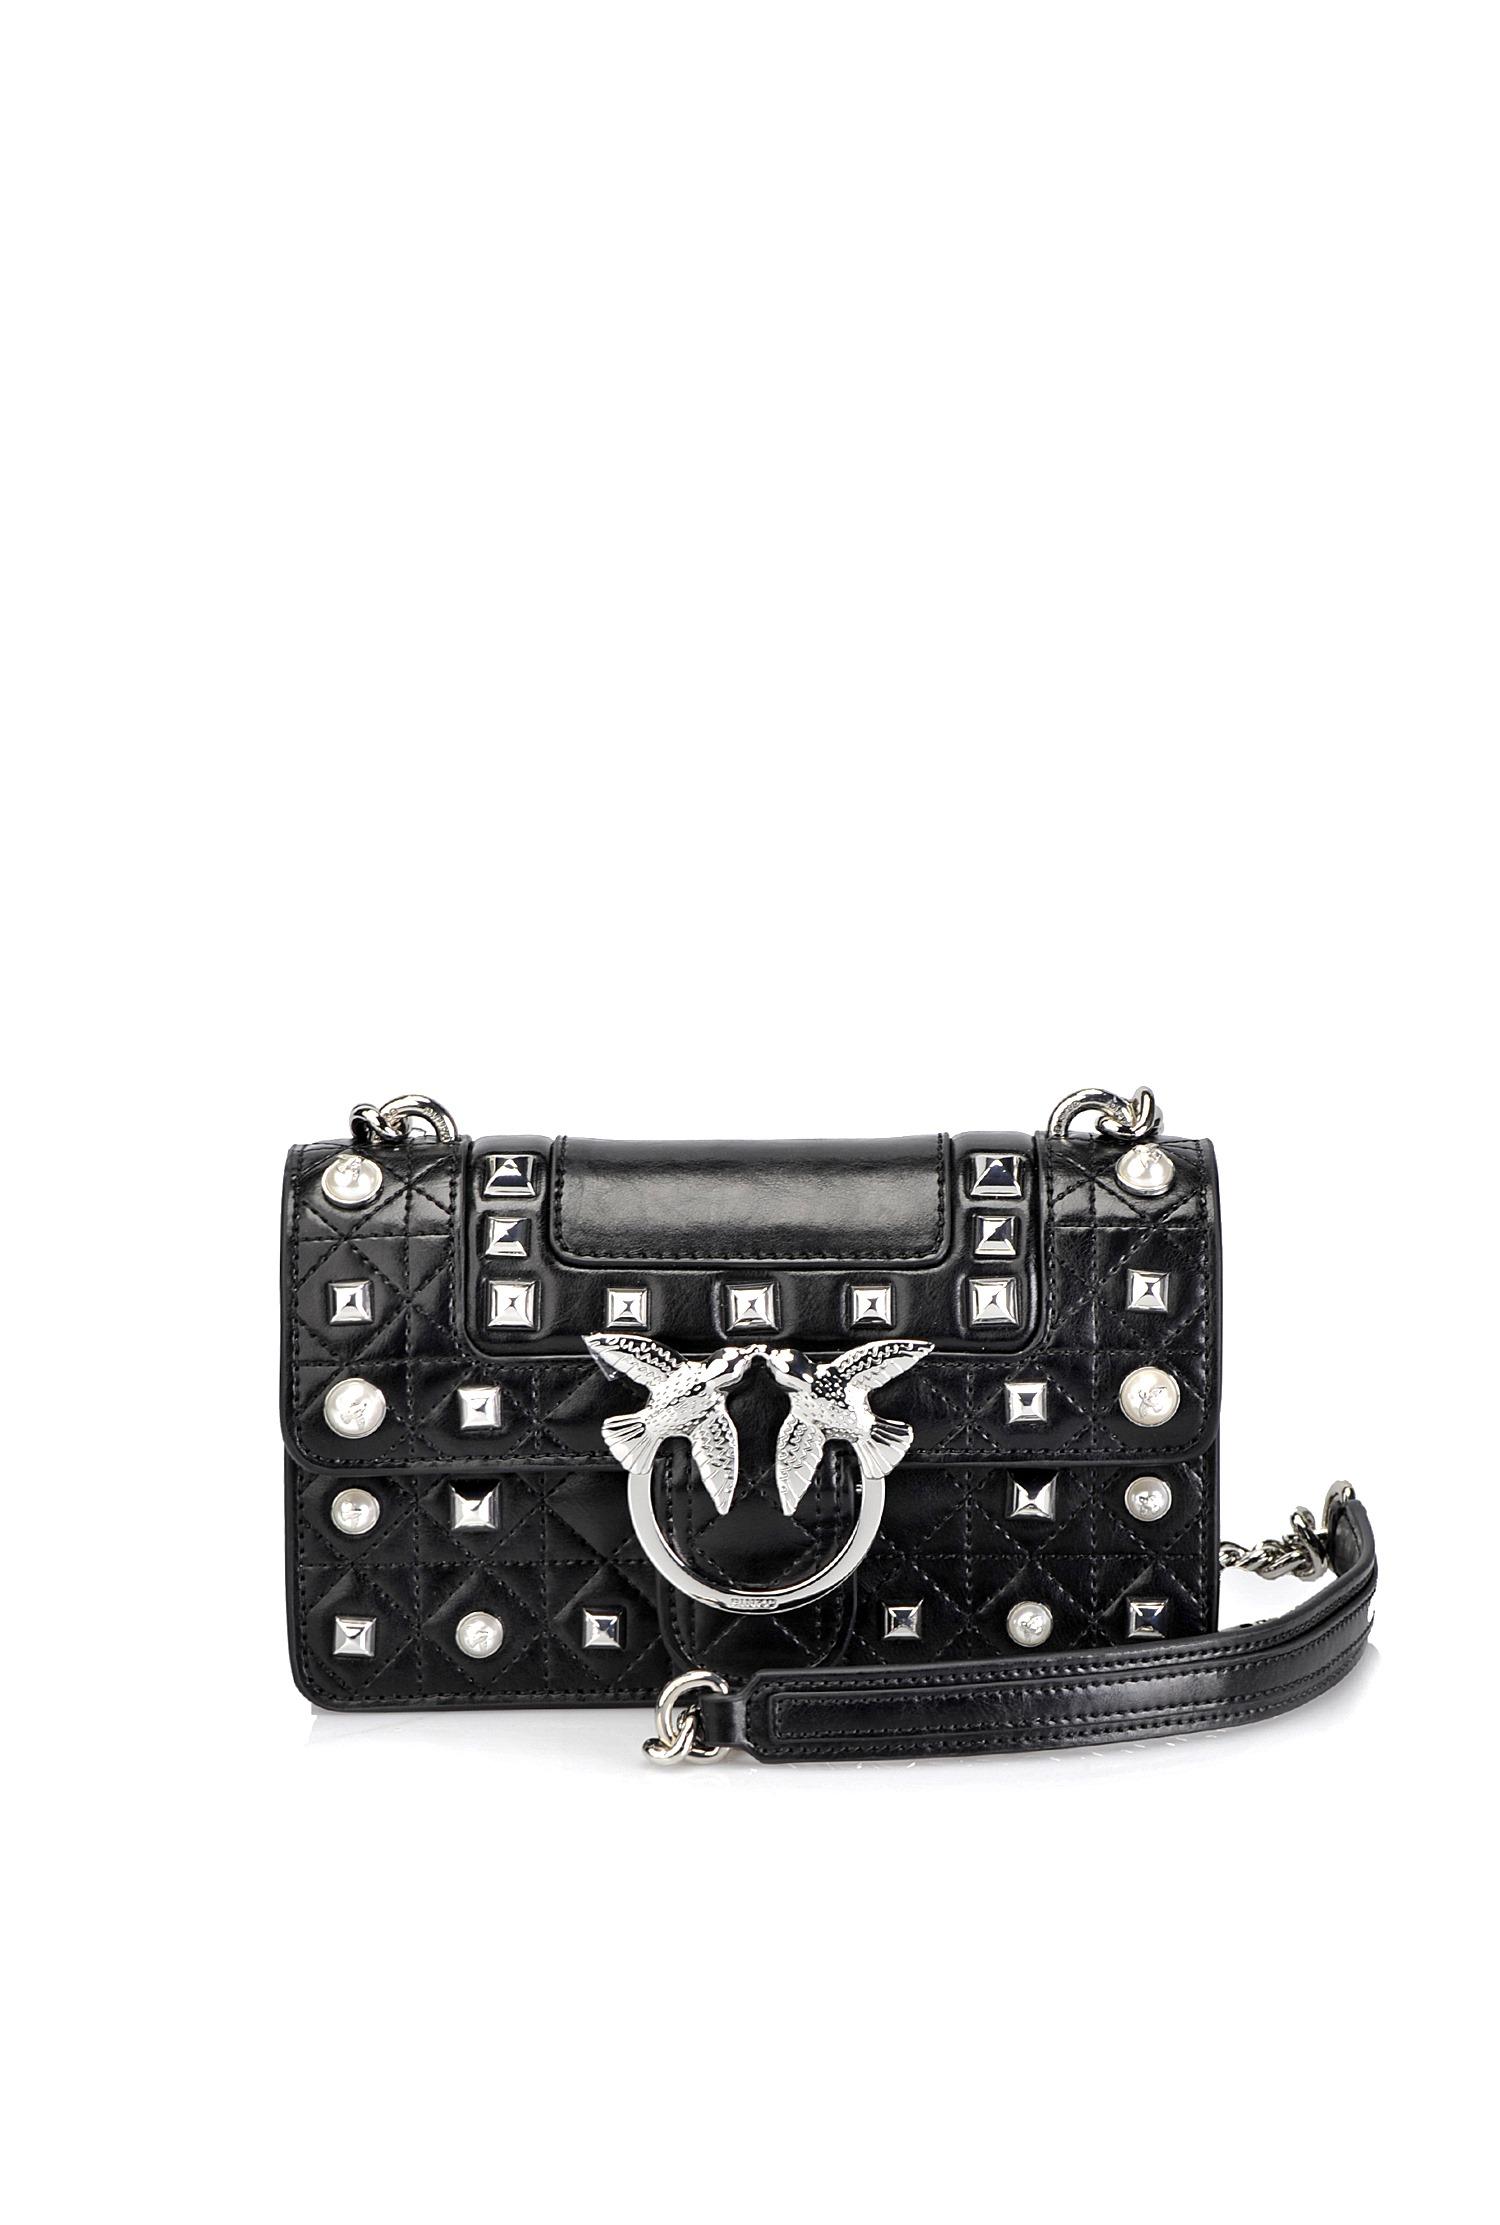 810a8cbb13 Mini Love Bag Idillio in pelle con borchie e perle - PINKO